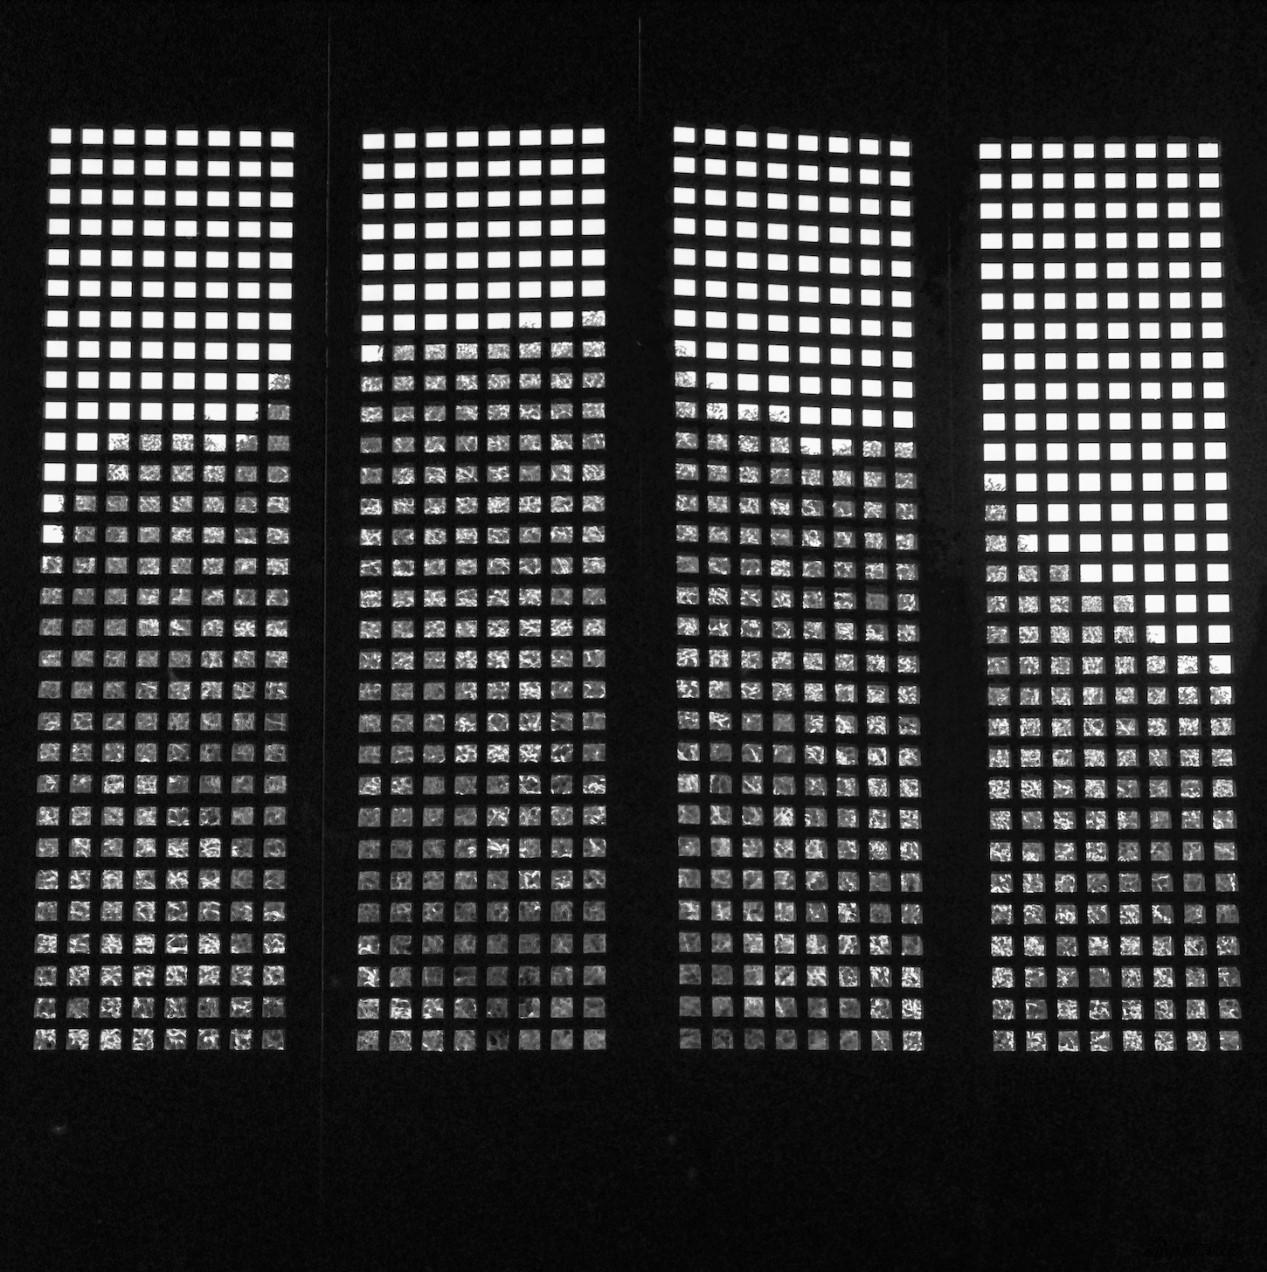 户牖-摄影-151x151cm